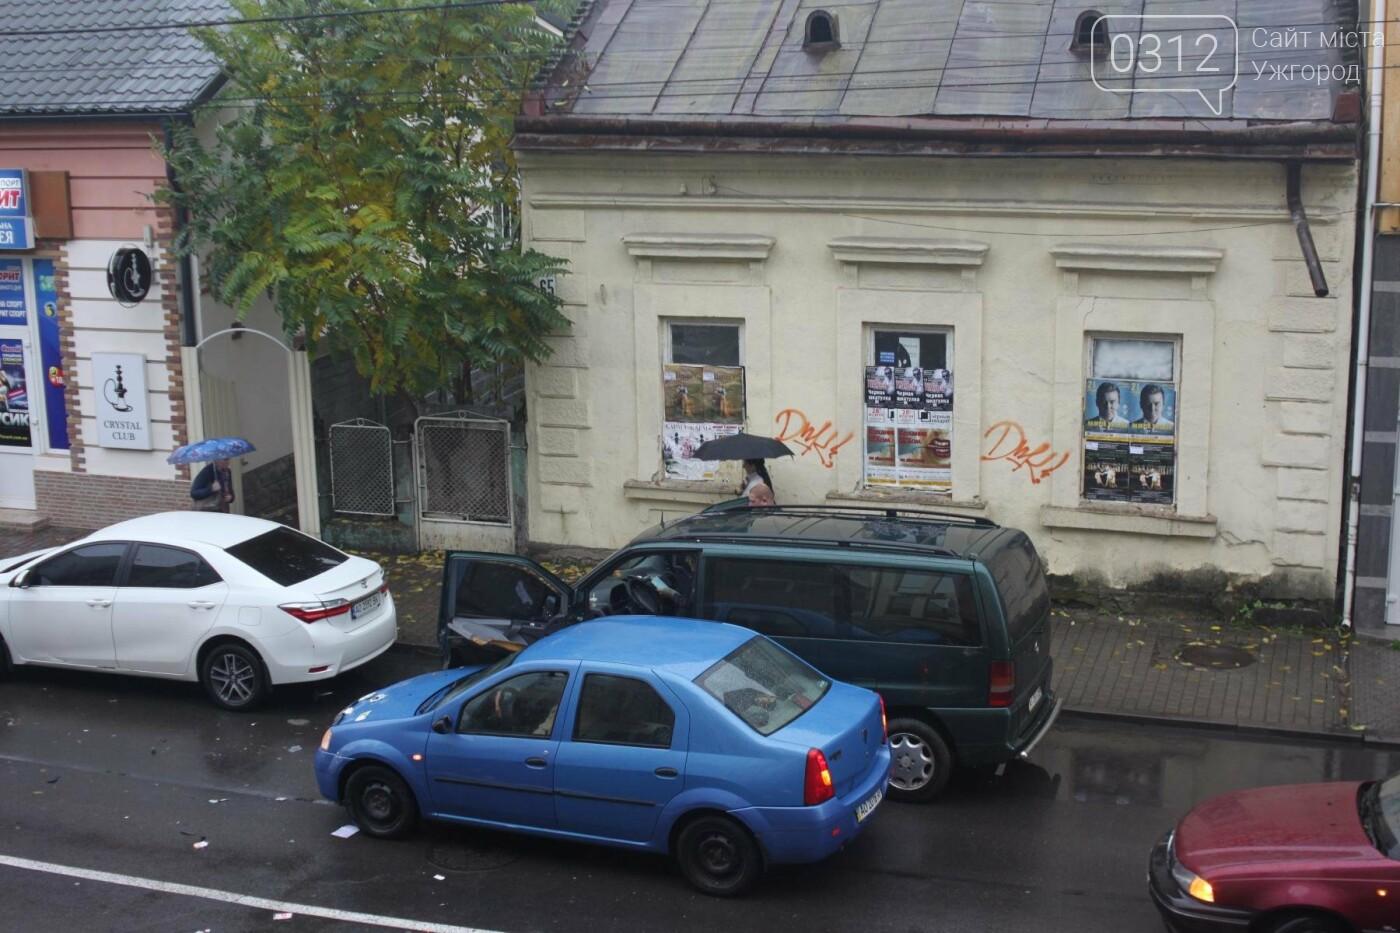 """Аварія в Ужгороді на Швабській: """"Дачія"""" врізалась у припаркований мікроавтобус """"Мерседес"""" (ФОТО), фото-1"""